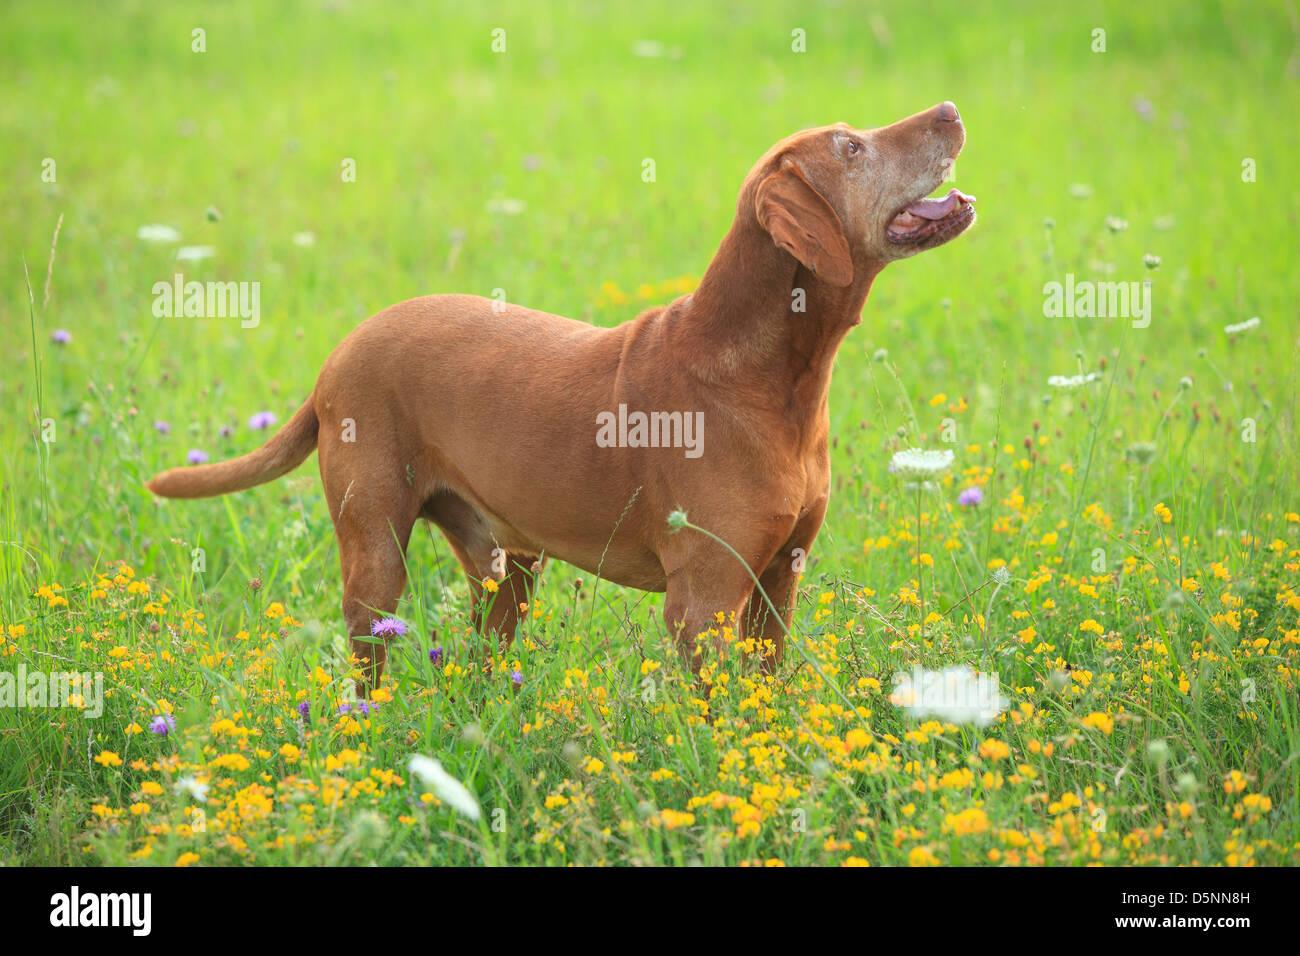 Vorstehhund Stockfotos & Vorstehhund Bilder - Seite 3 - Alamy